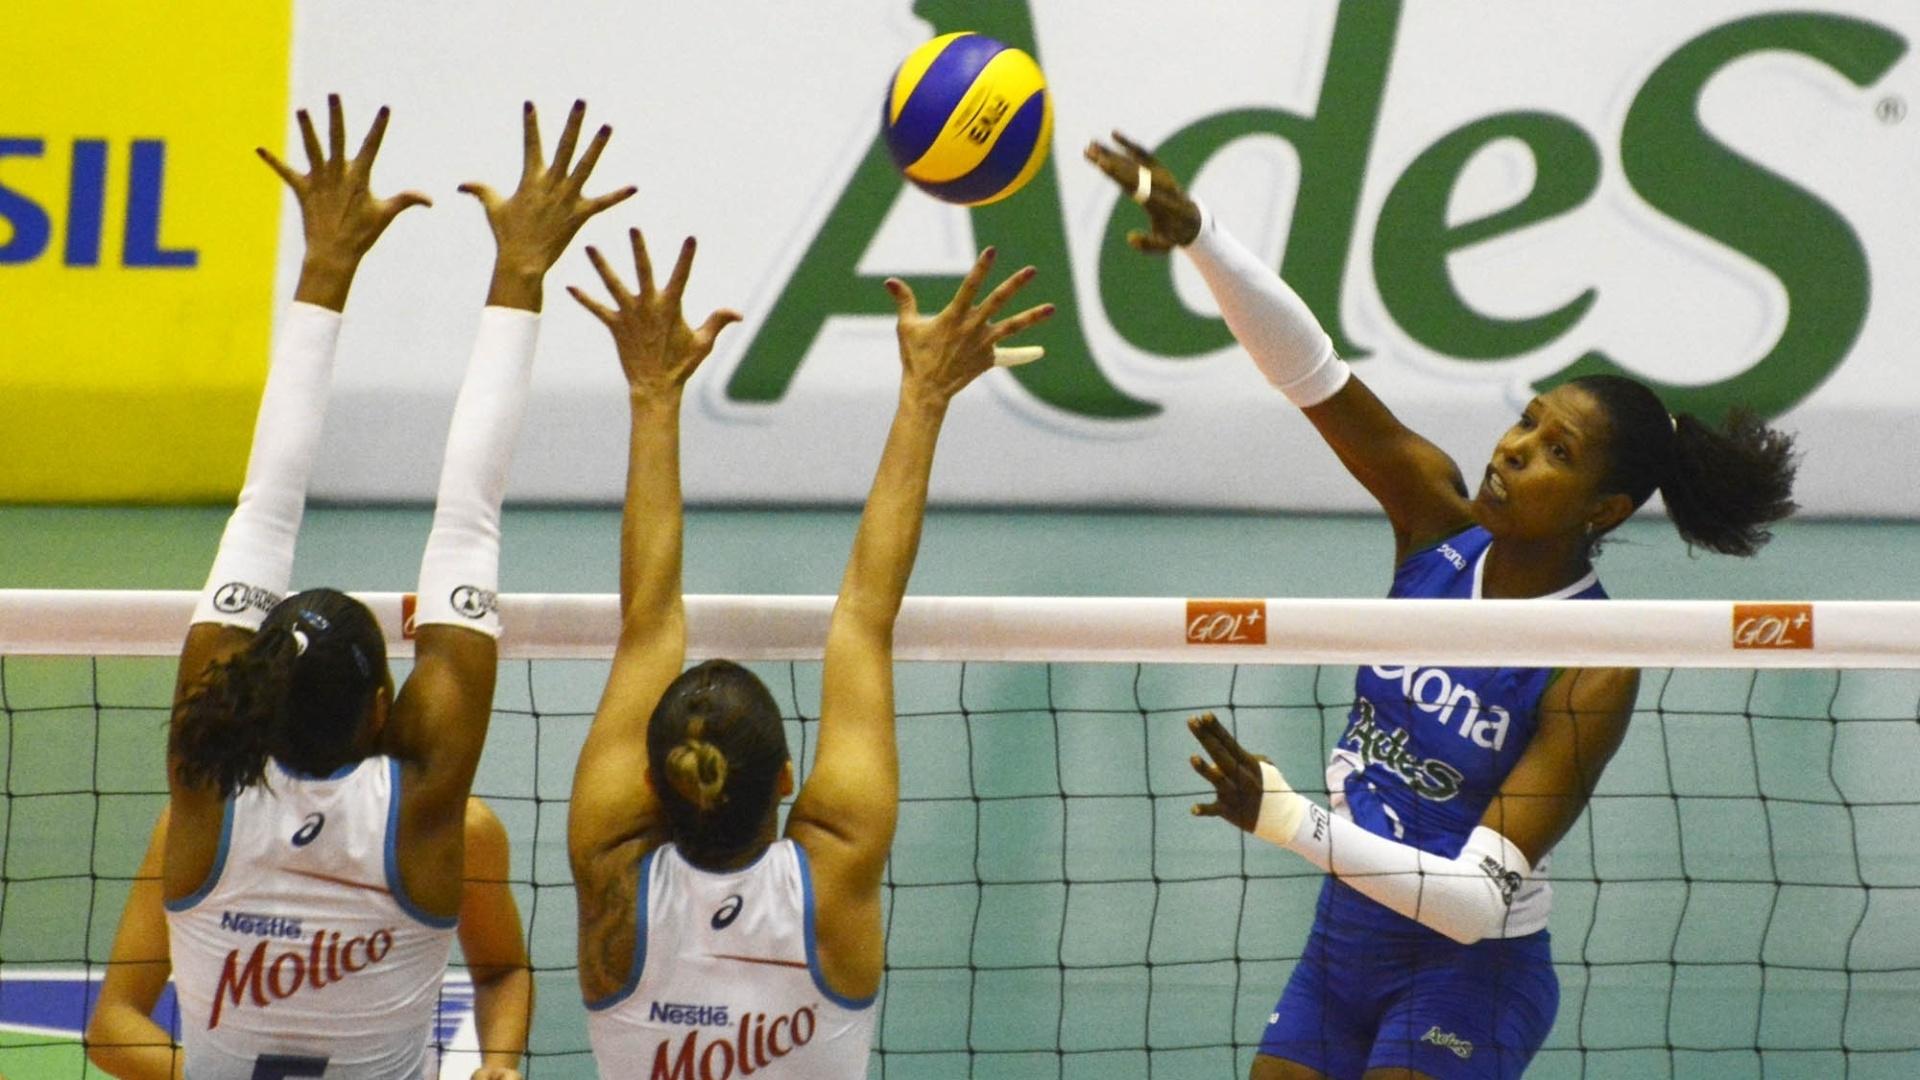 Rexona/Ades soube se impor e conseguiu uma vitória tranquila sobre o Molico/Nestlé